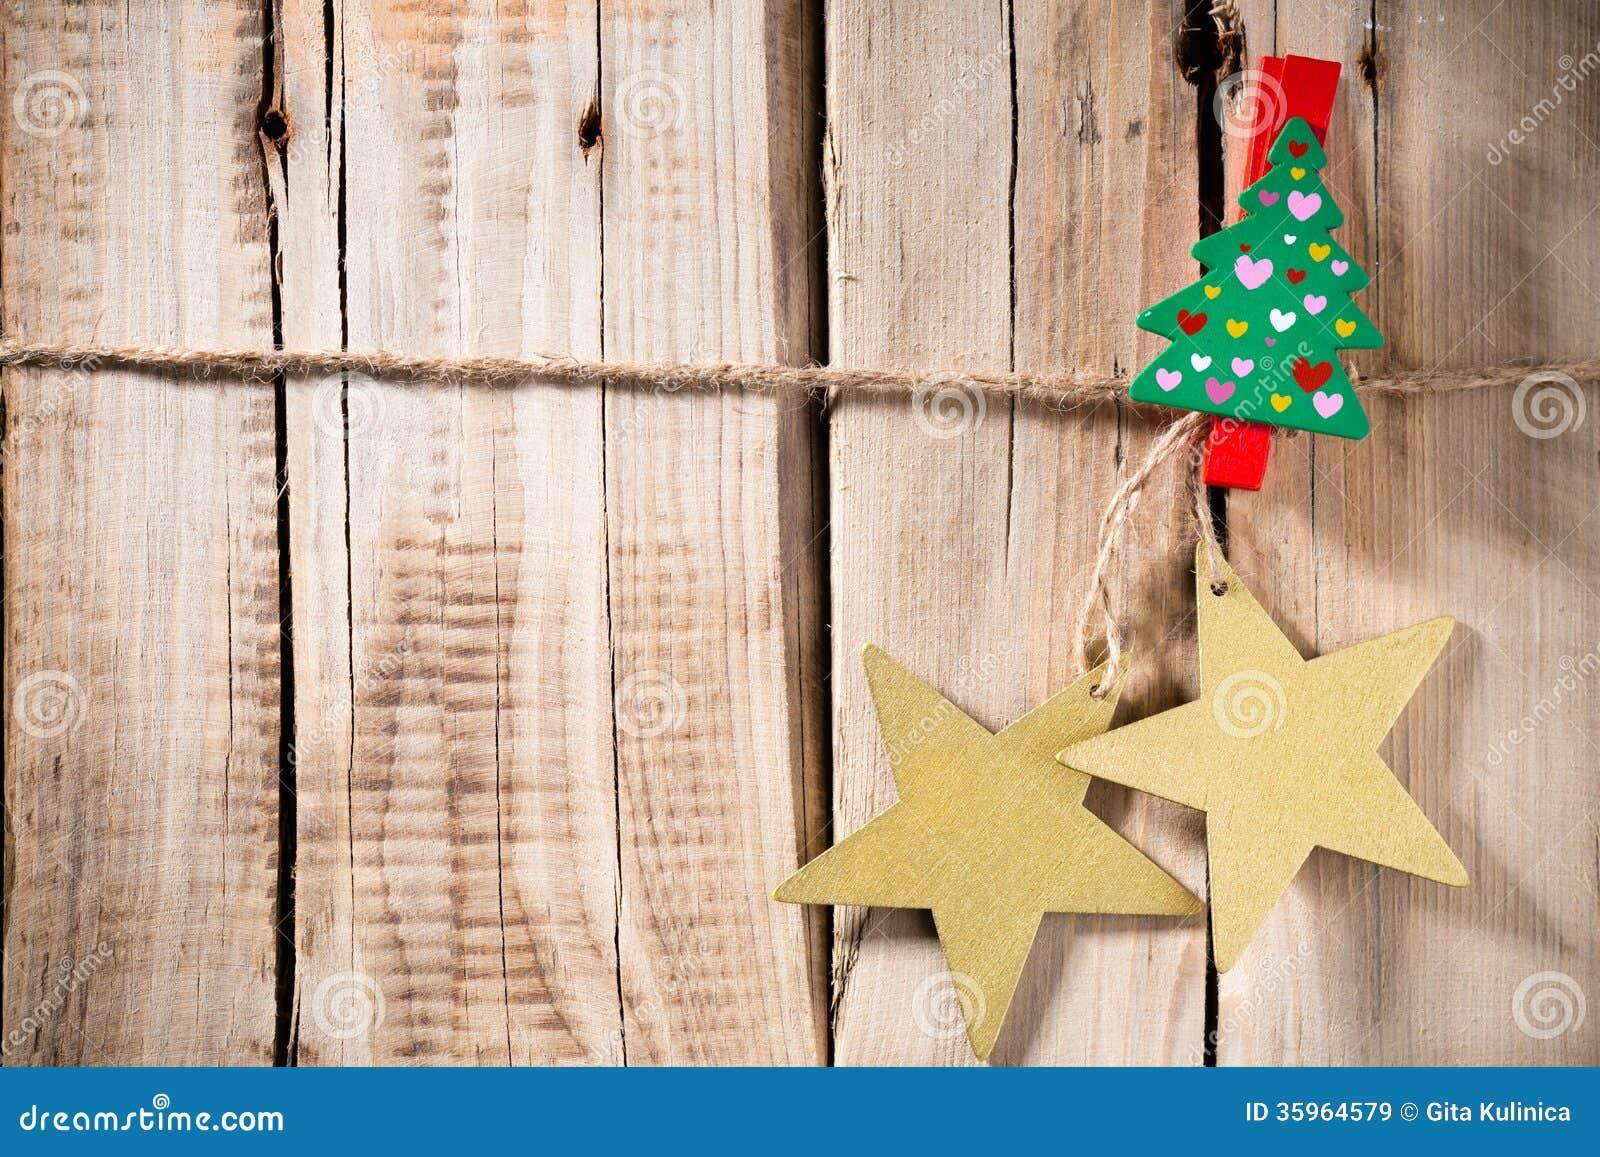 Clavija de la Navidad.